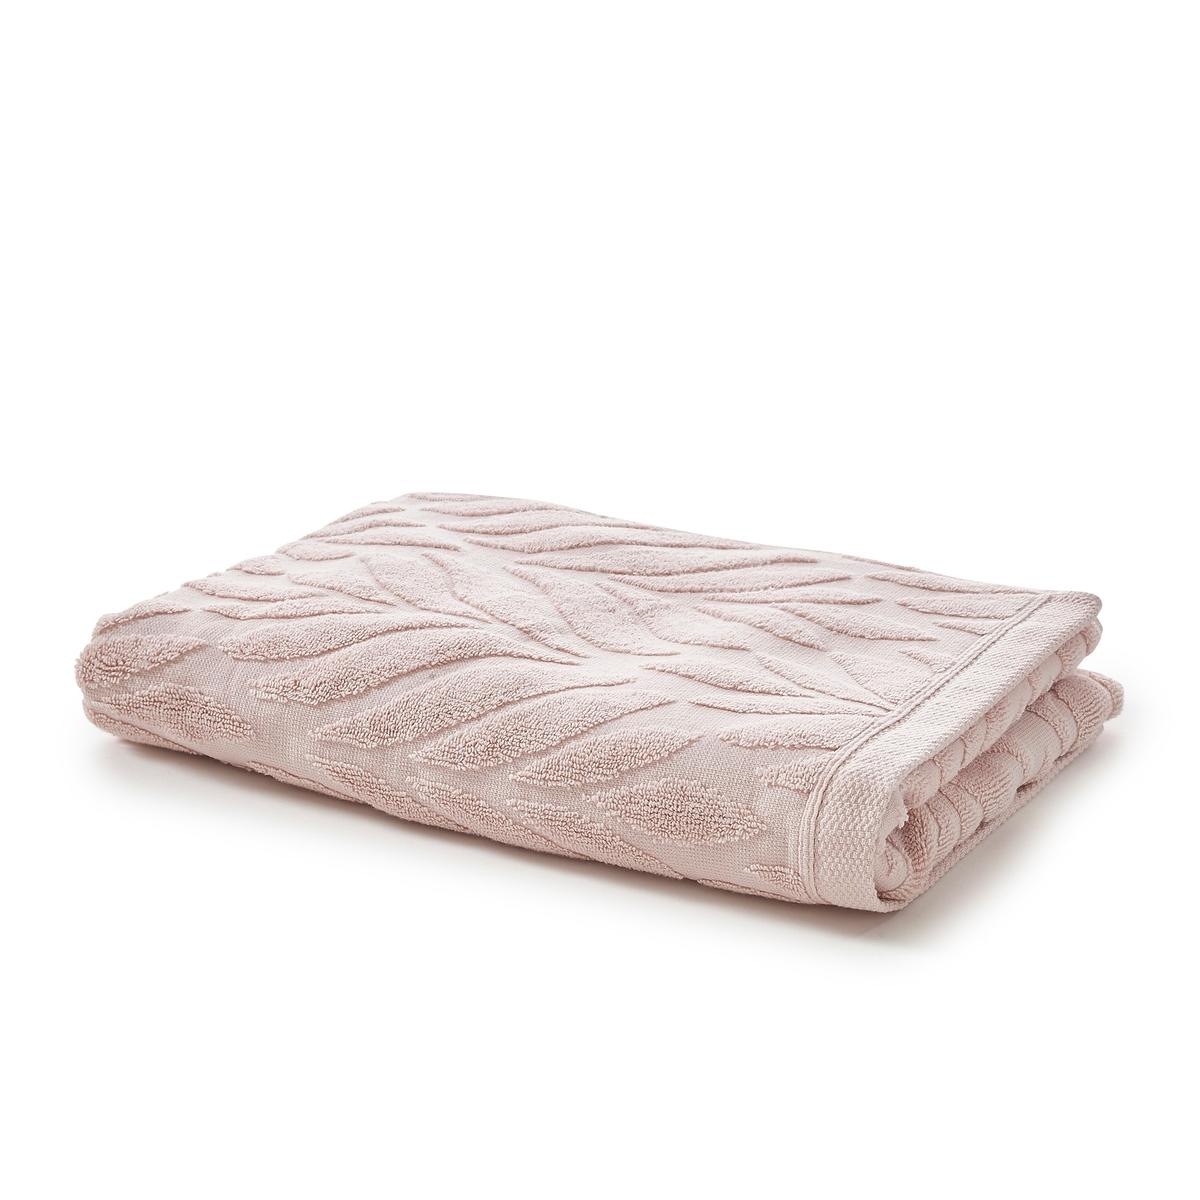 Полотенце банное, 500 г/м?, VILA REALХарактеристики банного полотенца Vila Real :Малая пряжа 100% хлопок, 500 г/м?.Машинная стирка при 60 °С.Размеры банного полотенца Vila Real:70 x 140 см.<br><br>Цвет: серый,телесный